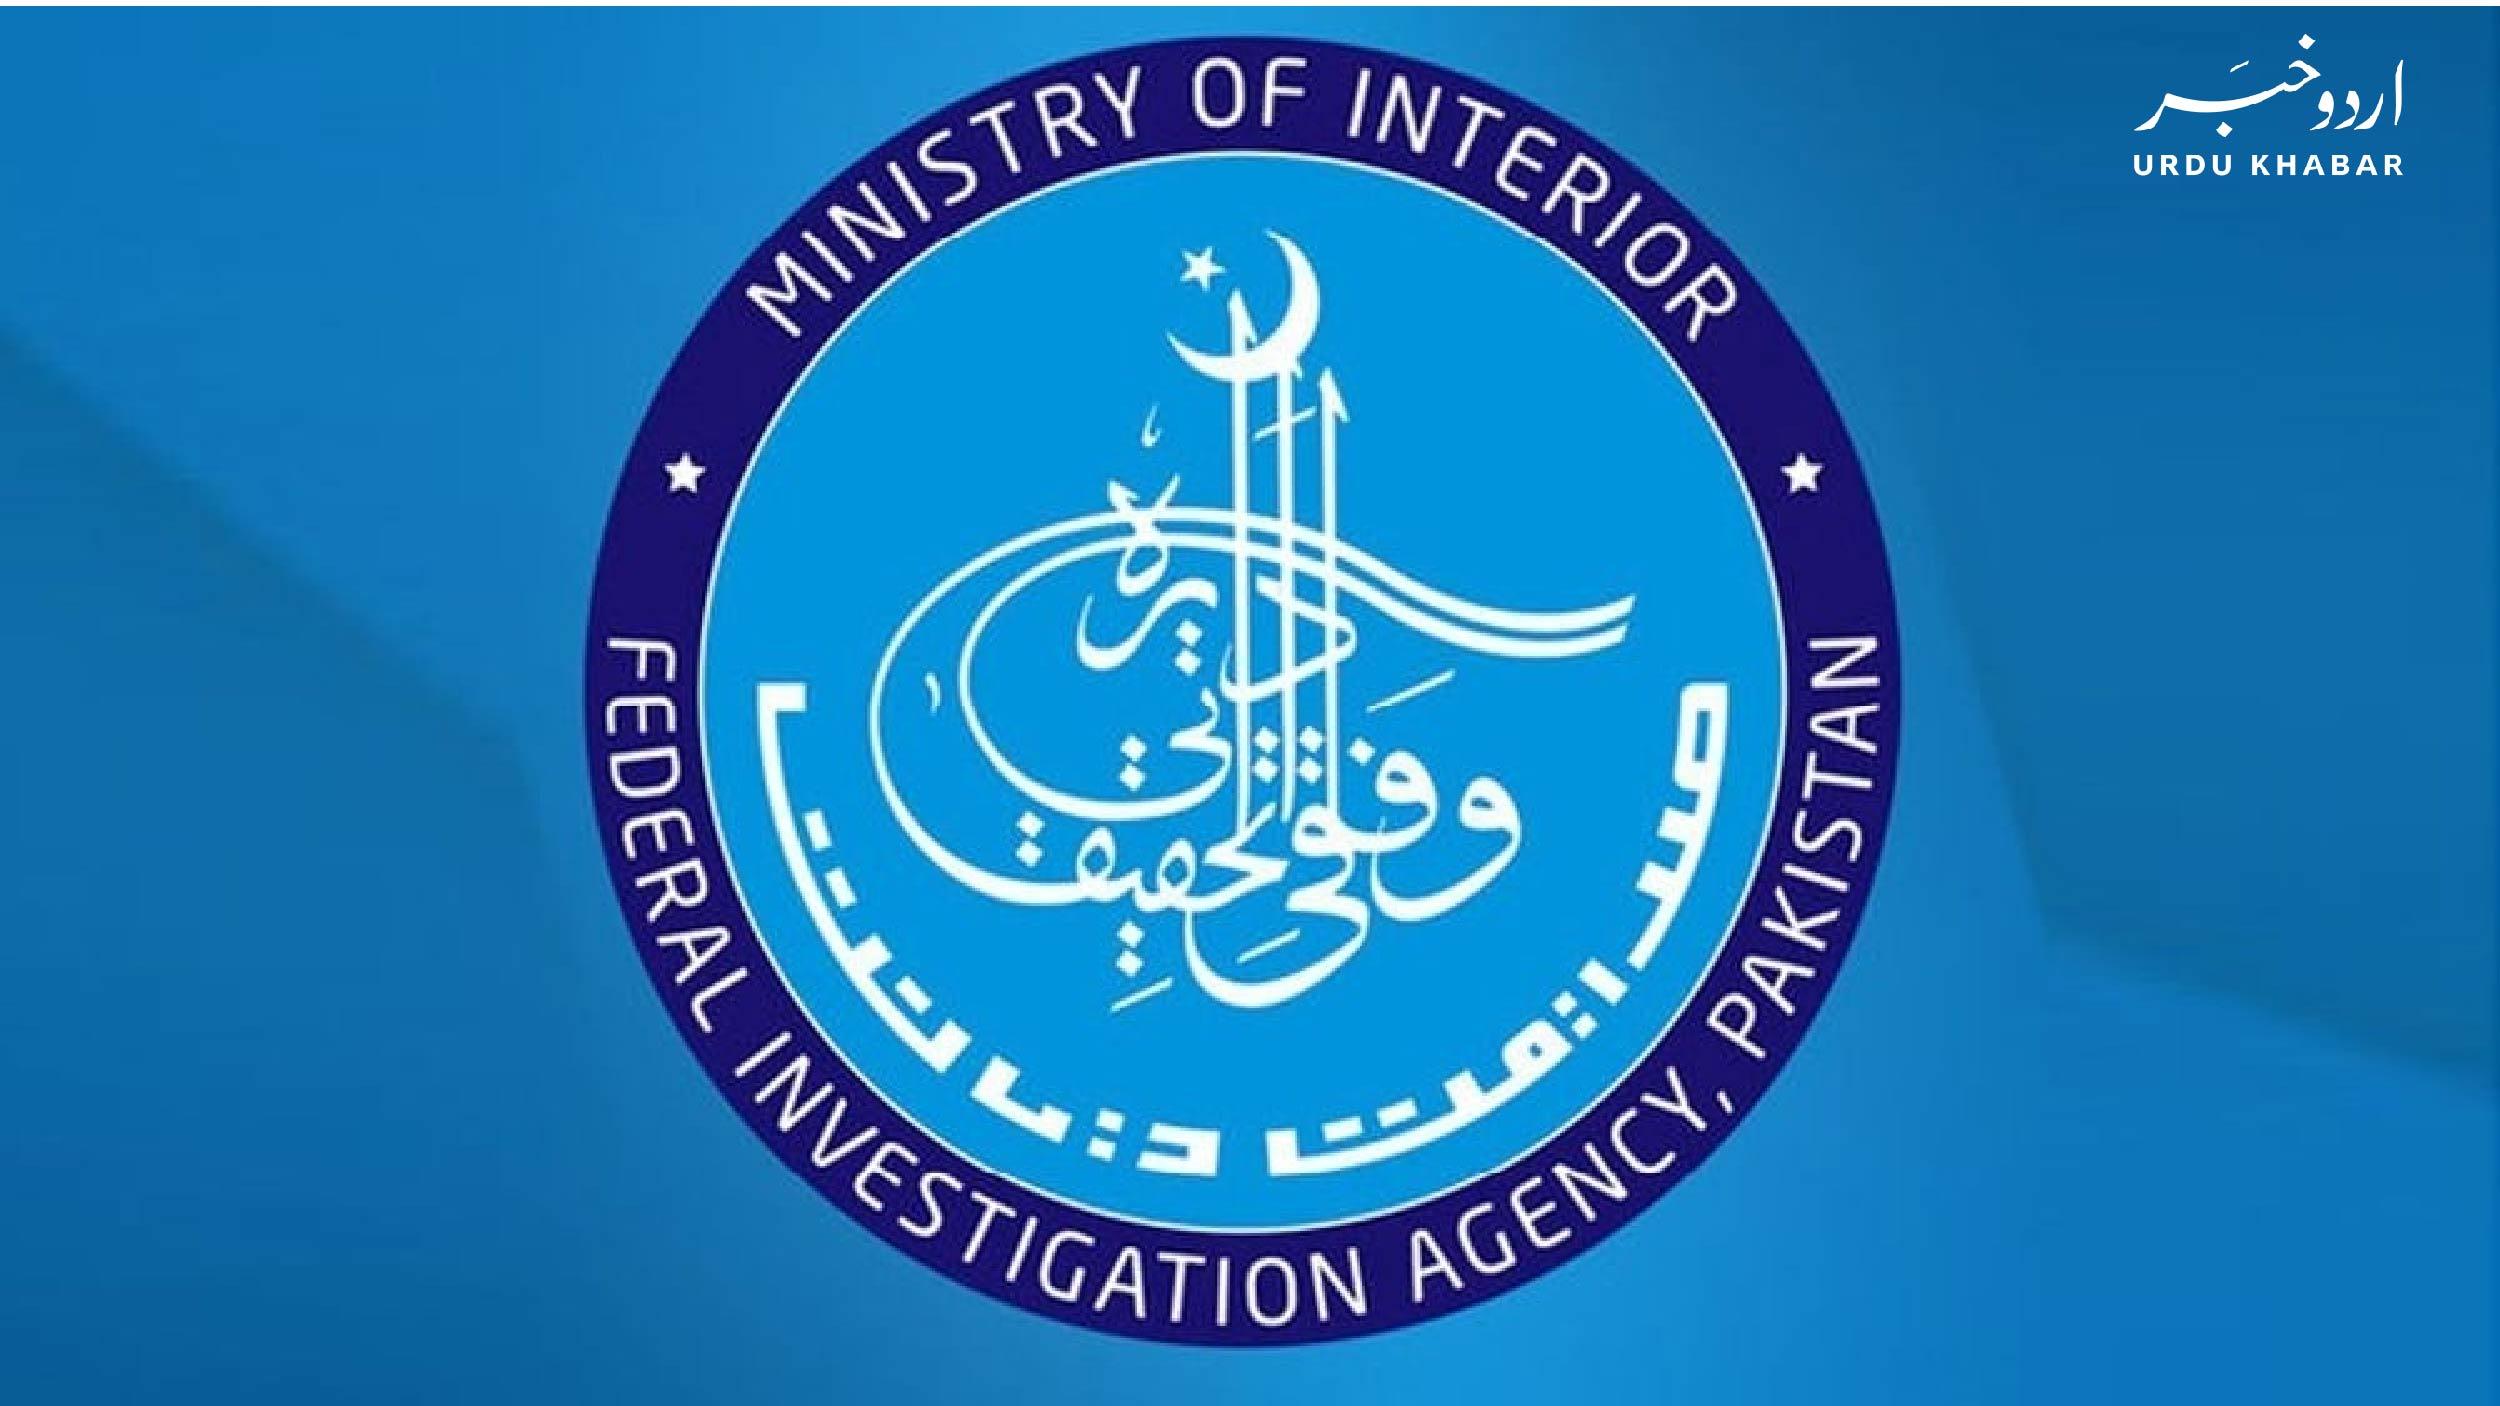 ایف آئی اے اب سندھ میں بھی منی لانڈنگ کیسز کہ تحقیقات کرے گی